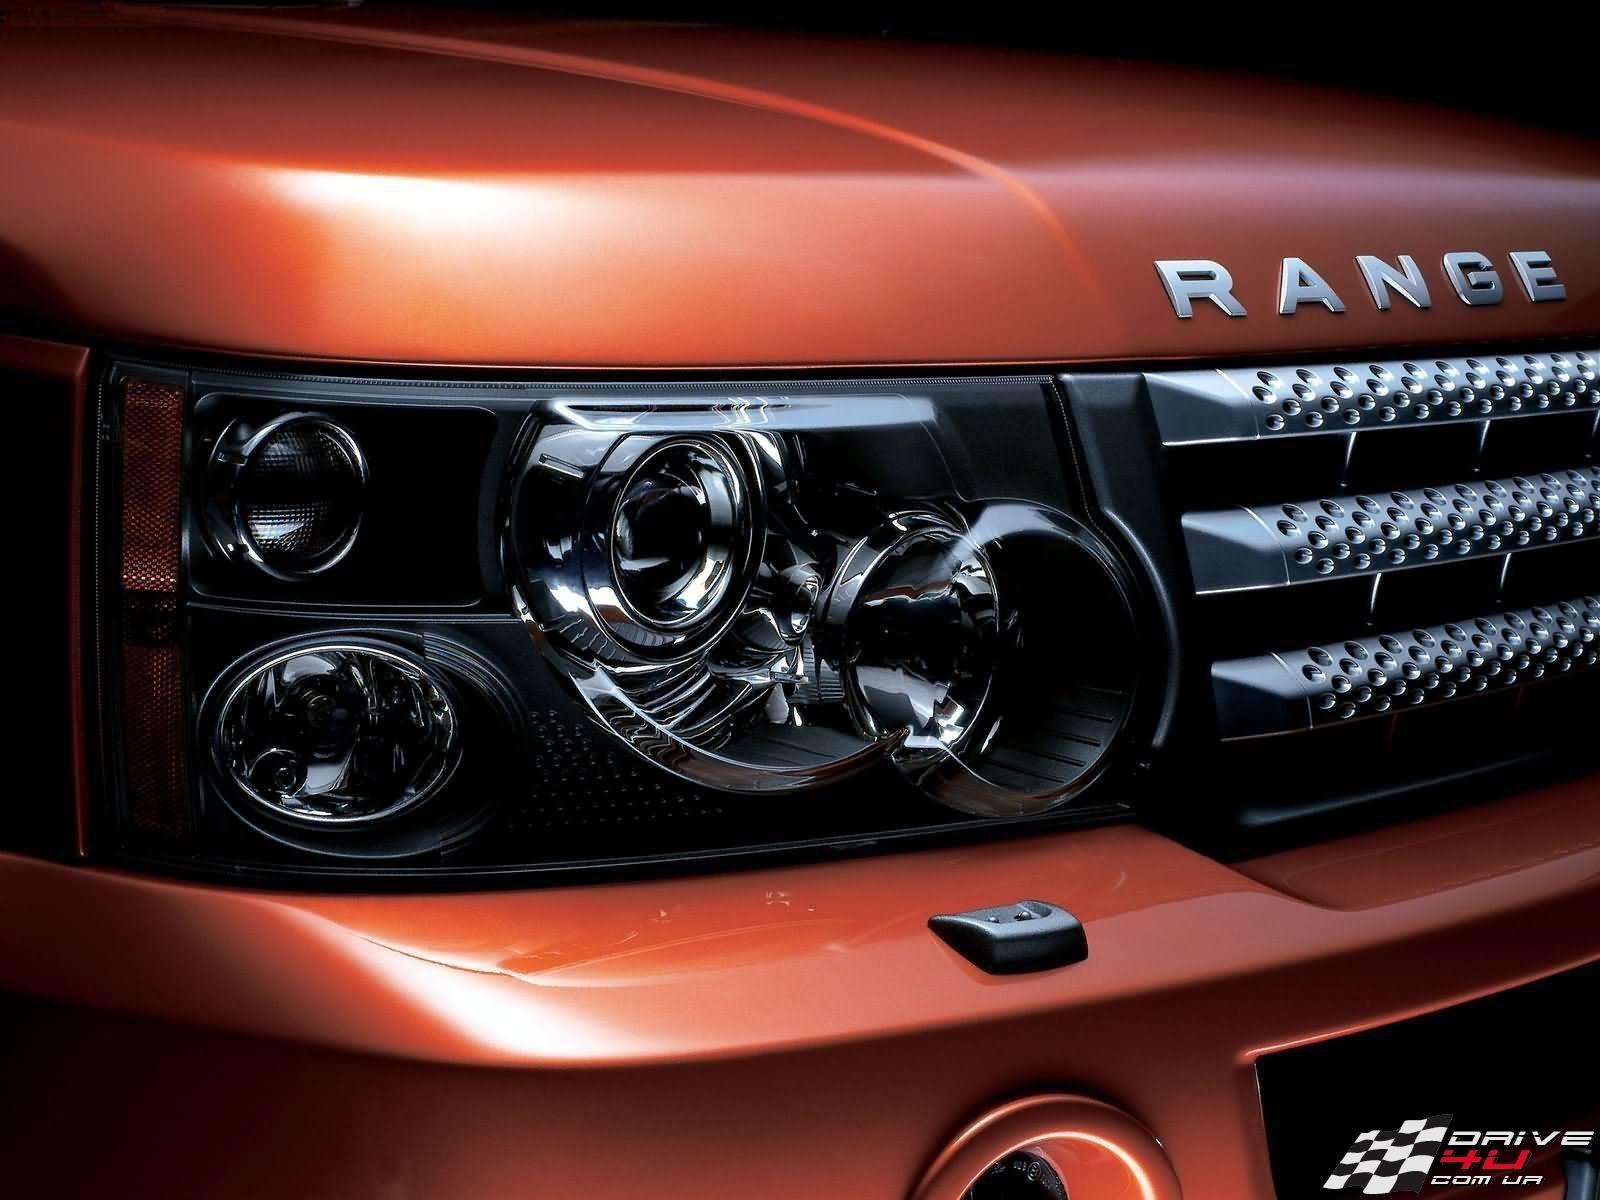 1952 скачать обои Транспорт, Машины, Рендж Ровер (Range Rover) - заставки и картинки бесплатно